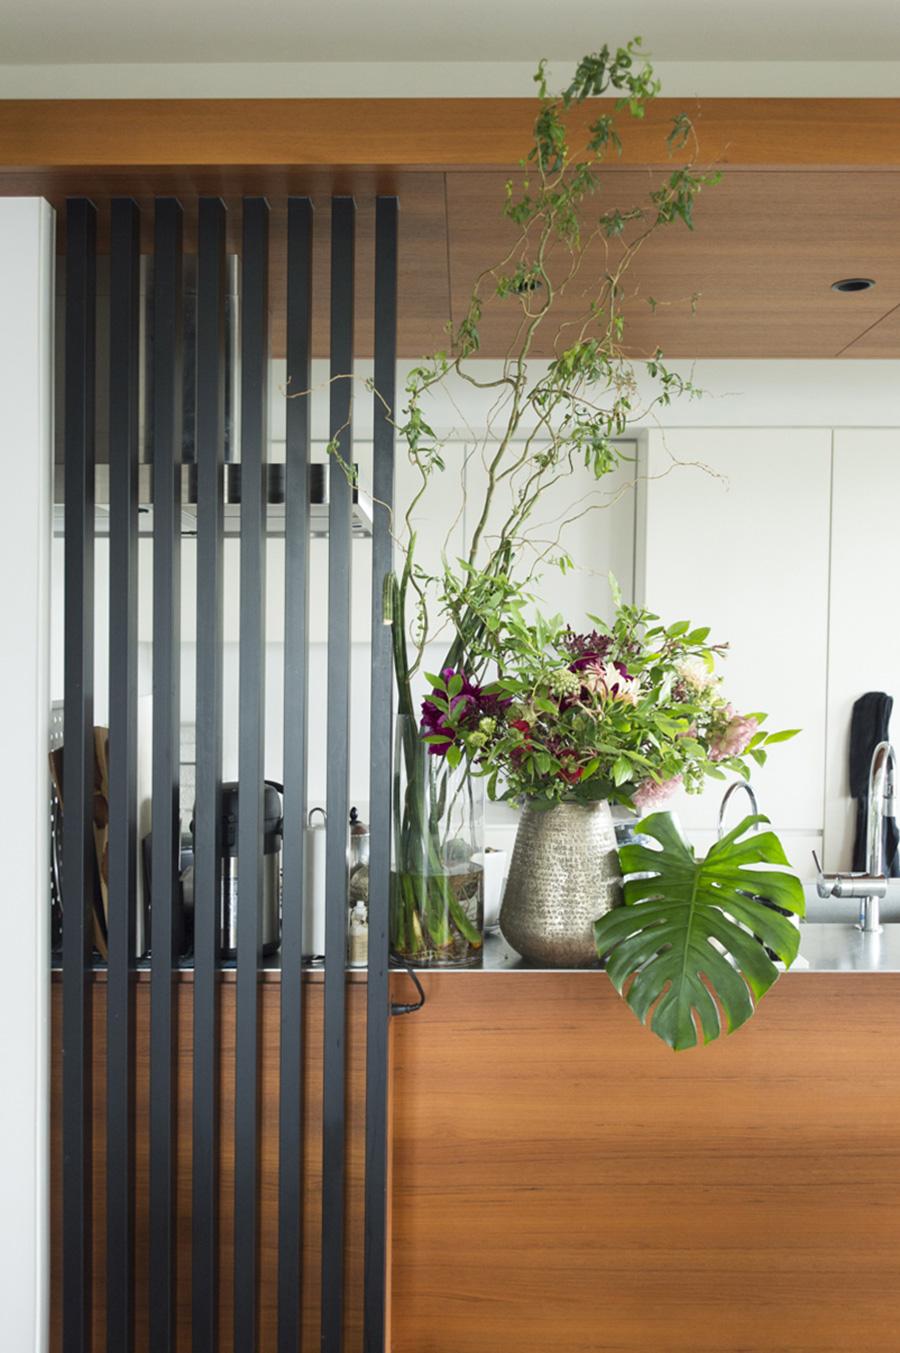 ルーバーの脇には、いつも花や植物を欠かさず、大胆に飾る。海外でインスパイアされたディスプレイ。